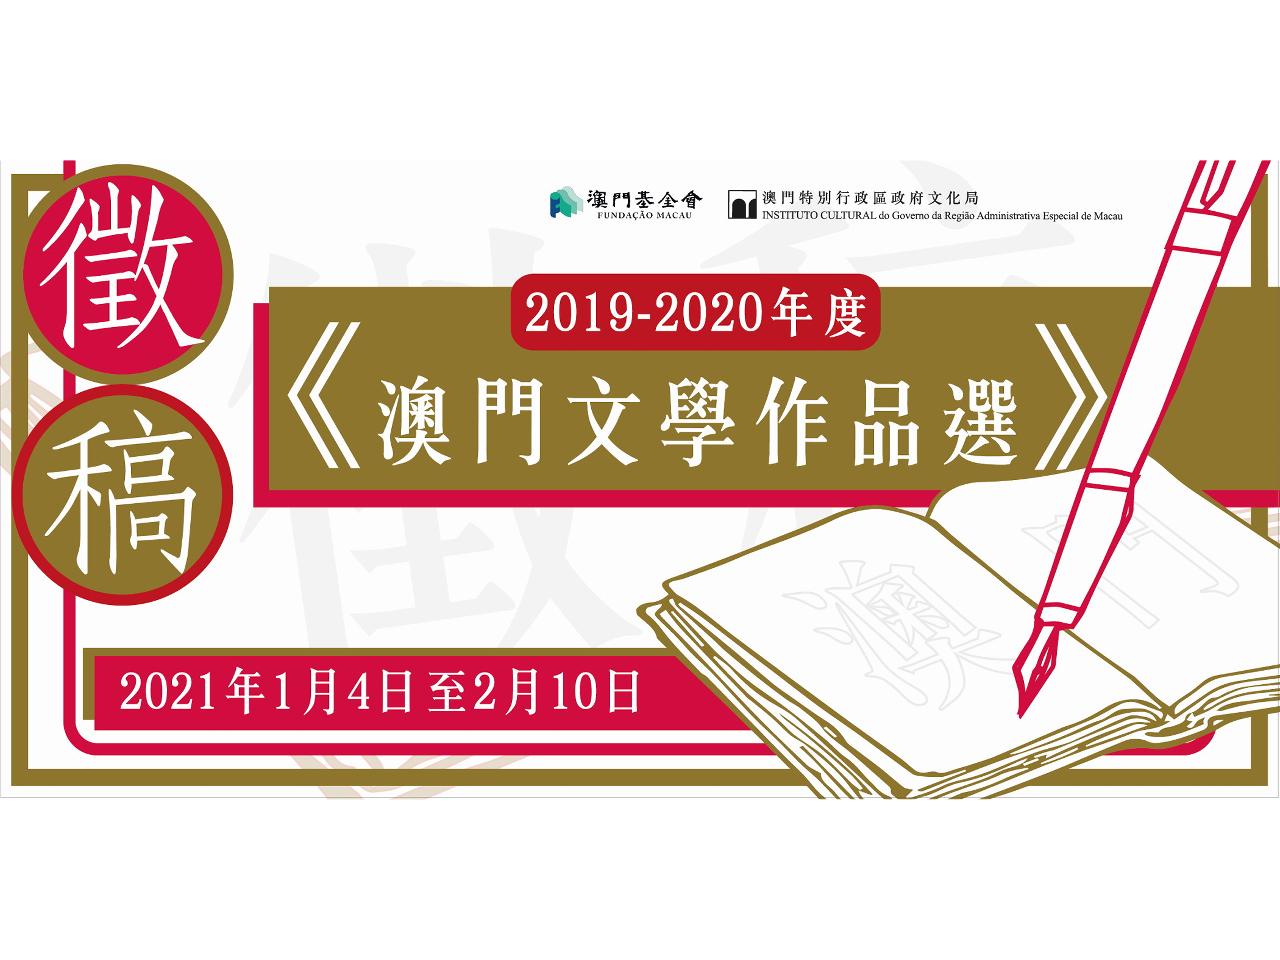 《2019-2020年度澳門文學作品選》徵稿